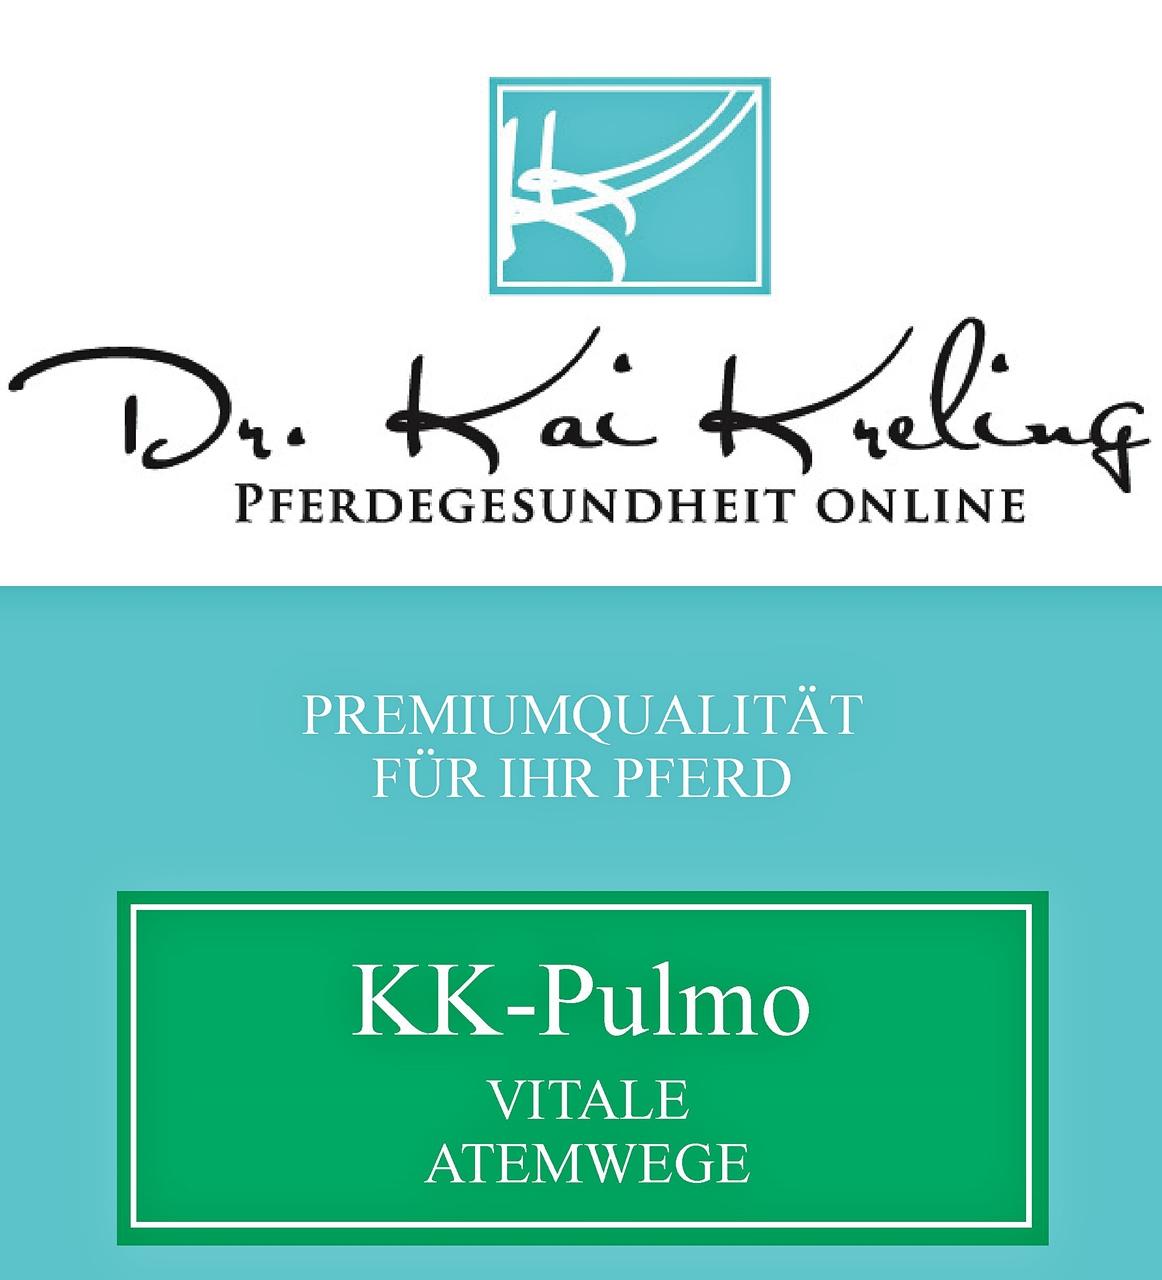 KK-Pulmo